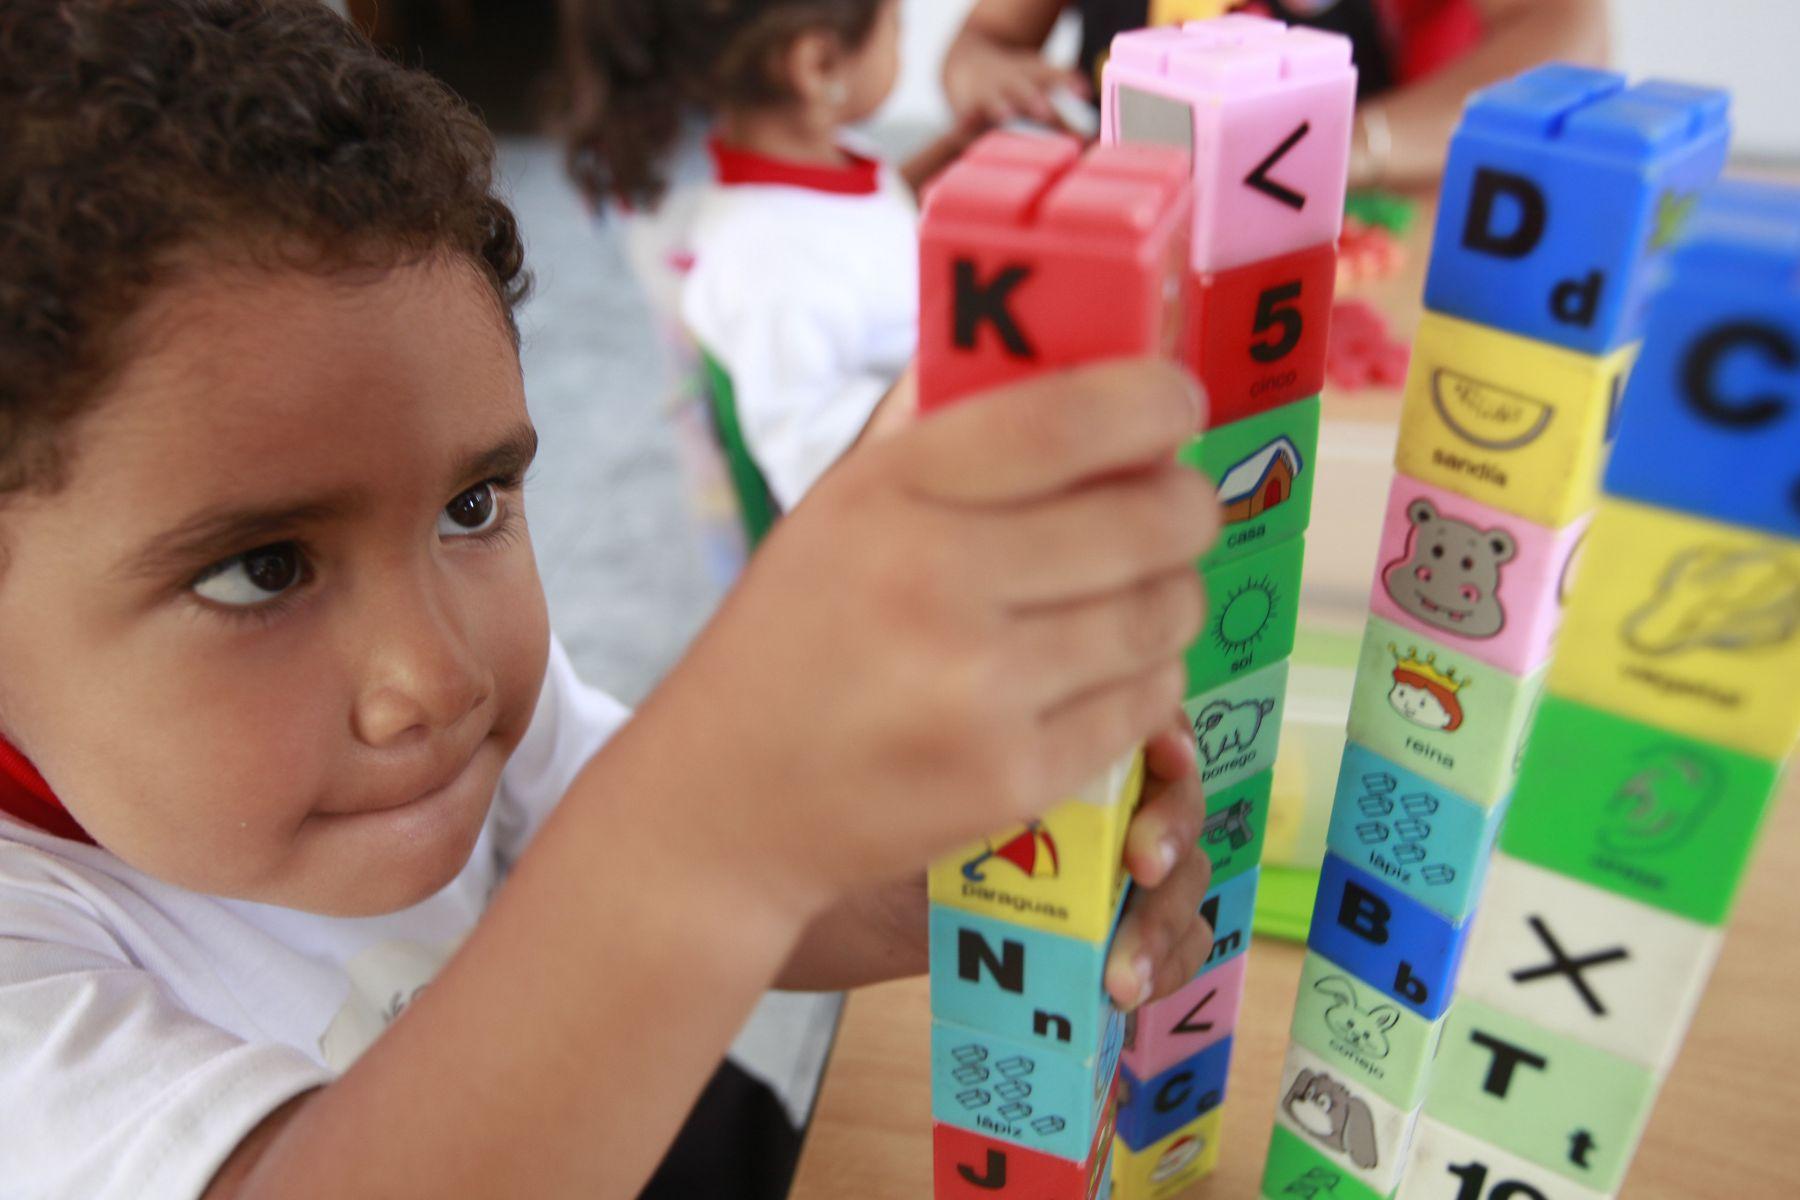 Mañana se celebra Día de la Educación Inicial en el Perú. Foto: ANDINA/archivo